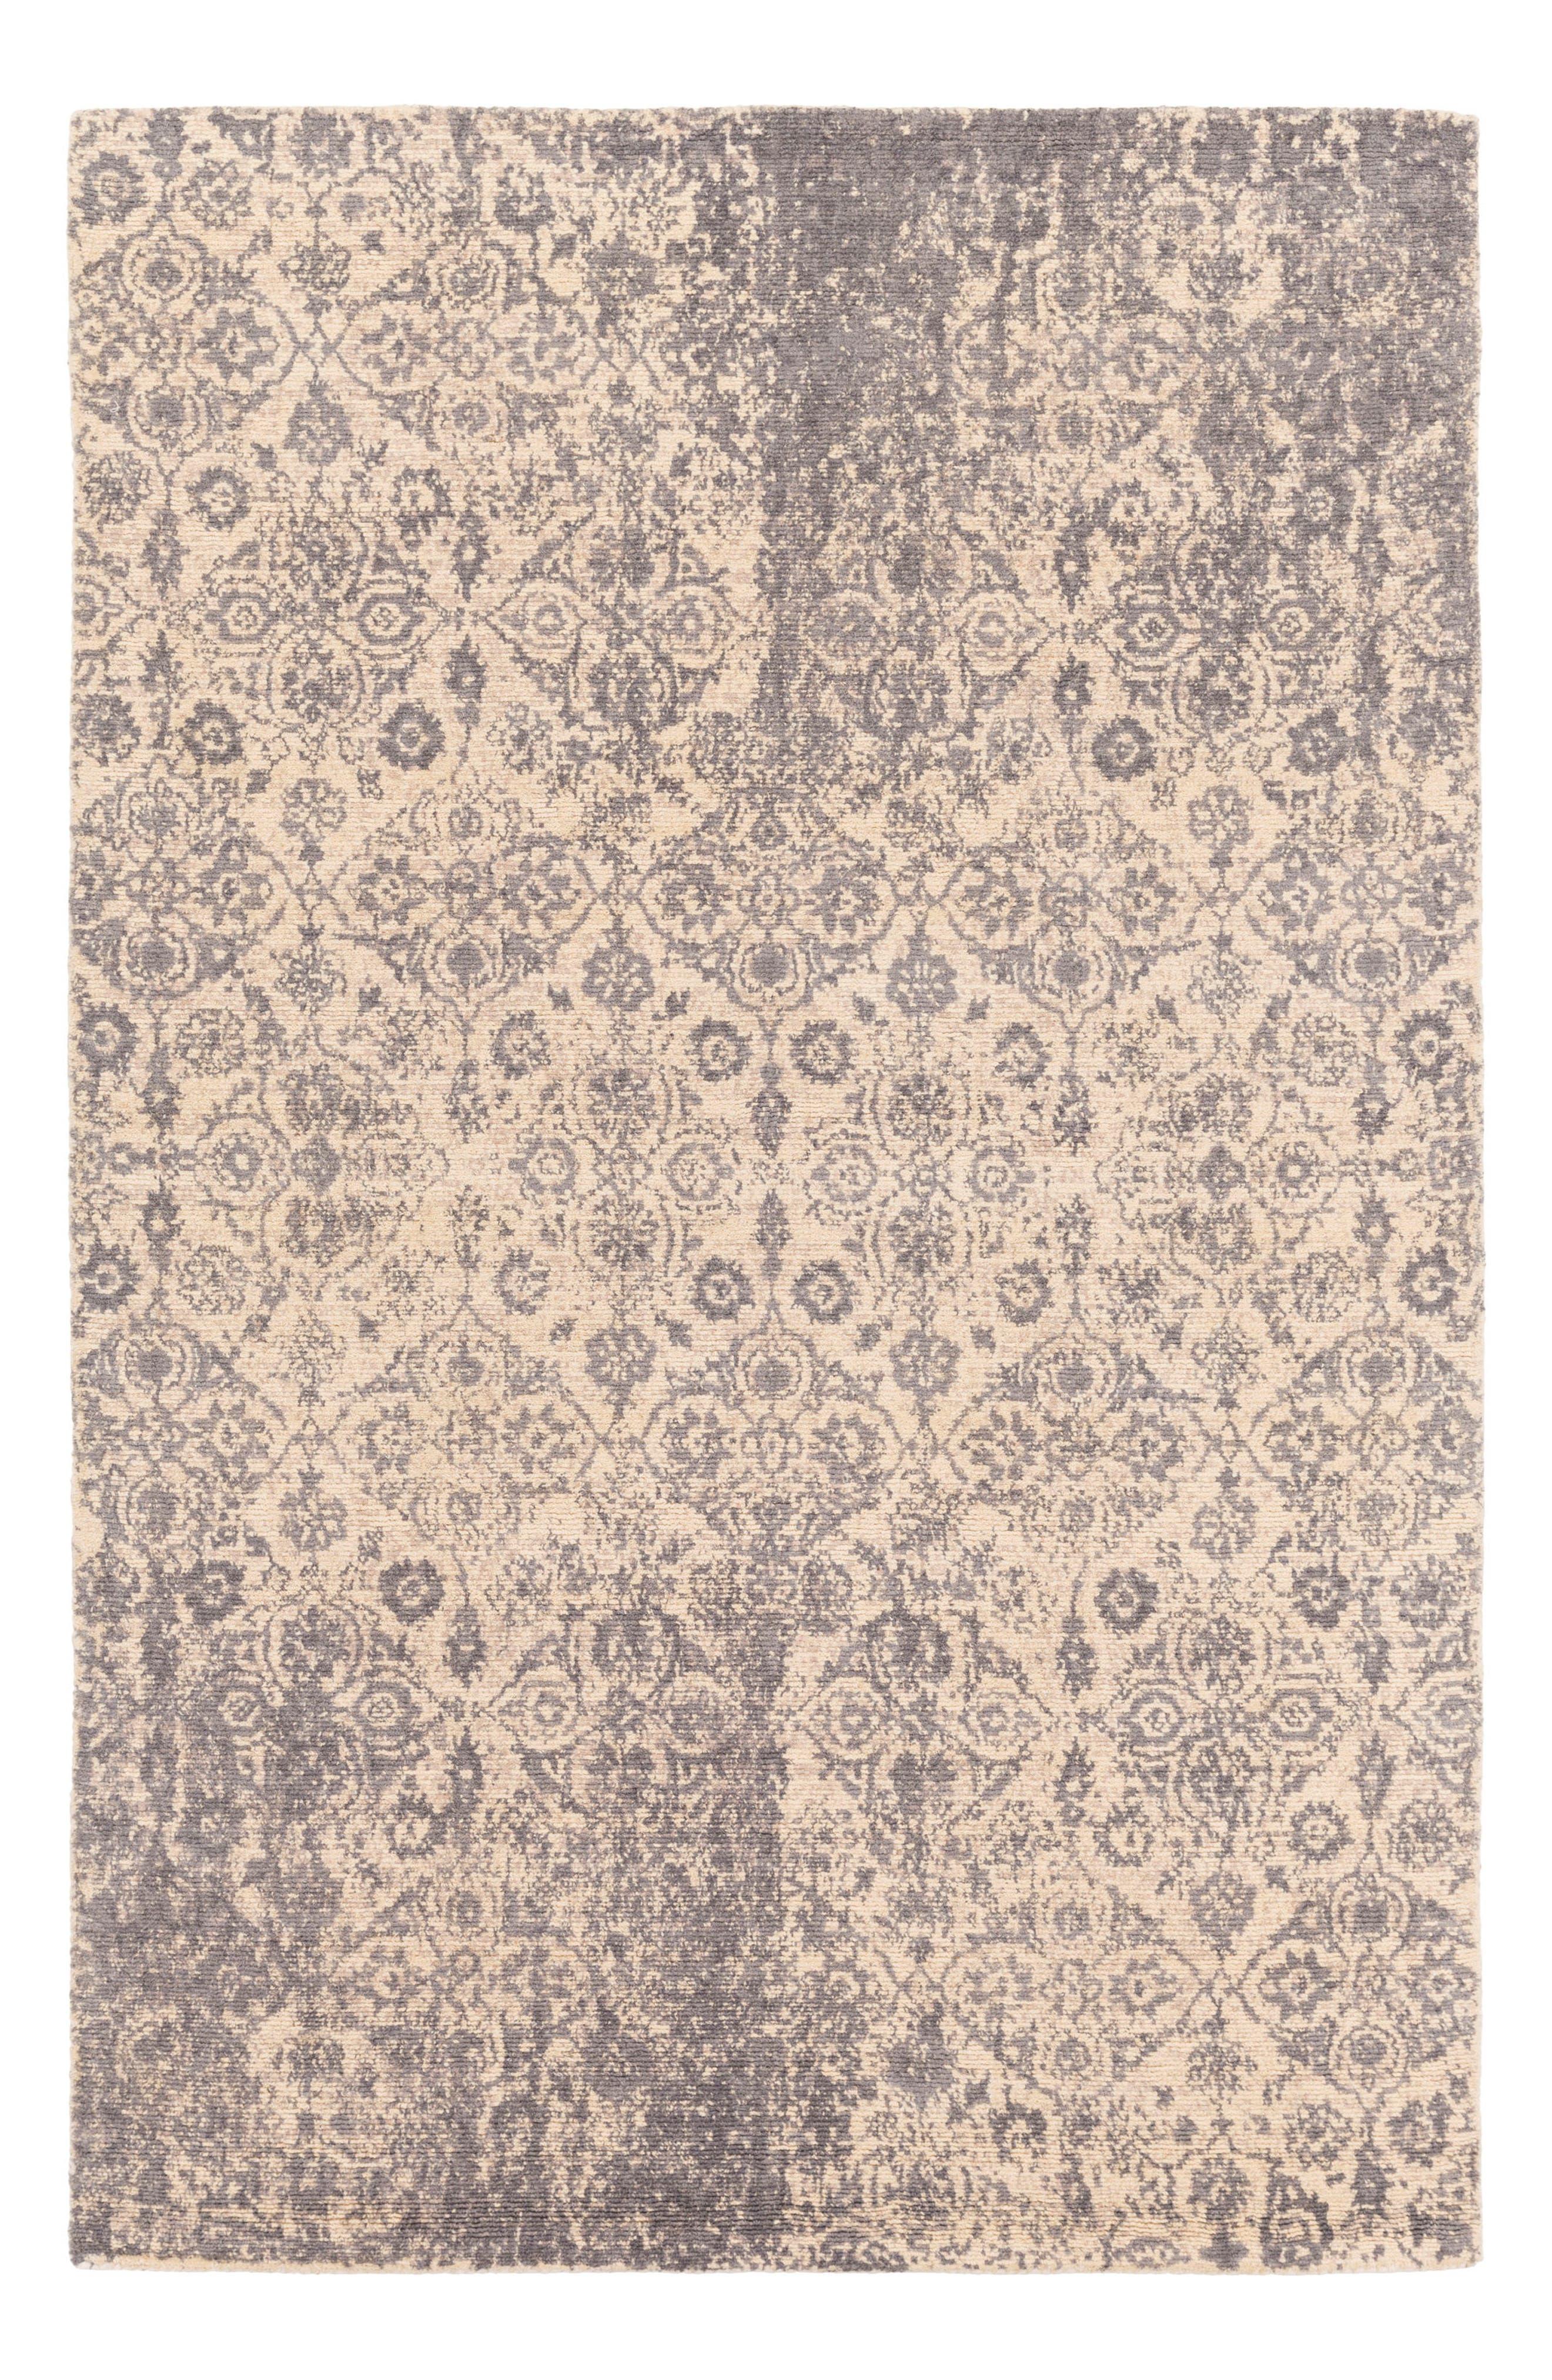 Tuscany Wool Rug,                             Main thumbnail 1, color,                             250